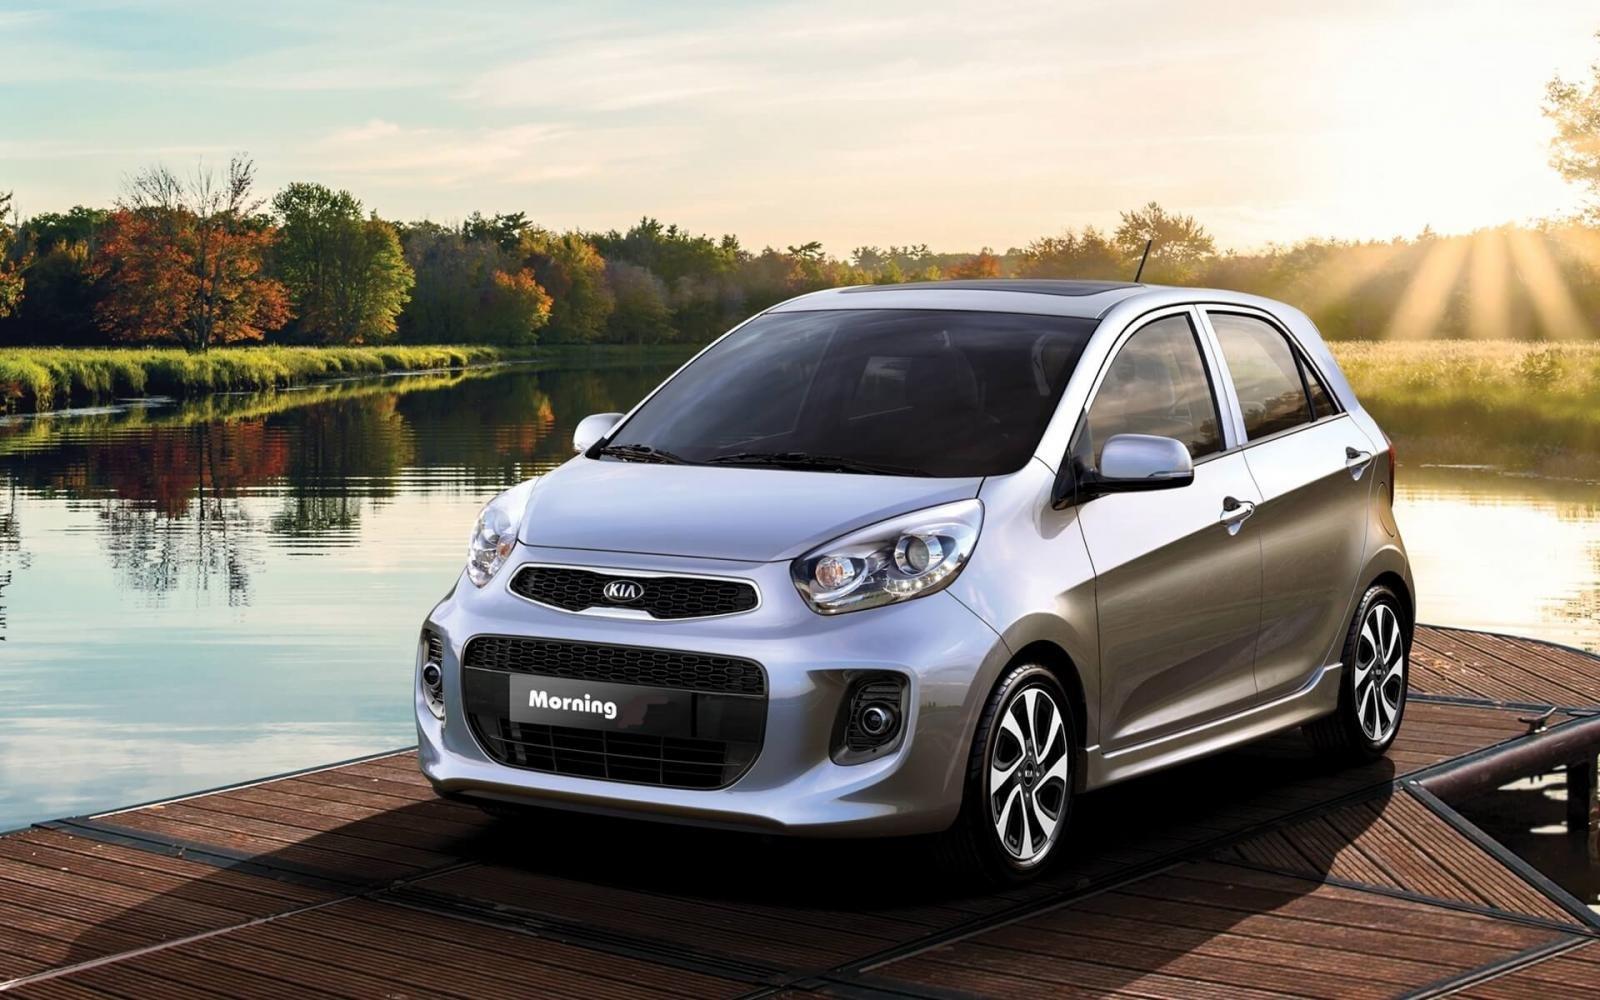 Kia Morning là xe ô tô giá rẻ nhất Việt Nam hiện nay.